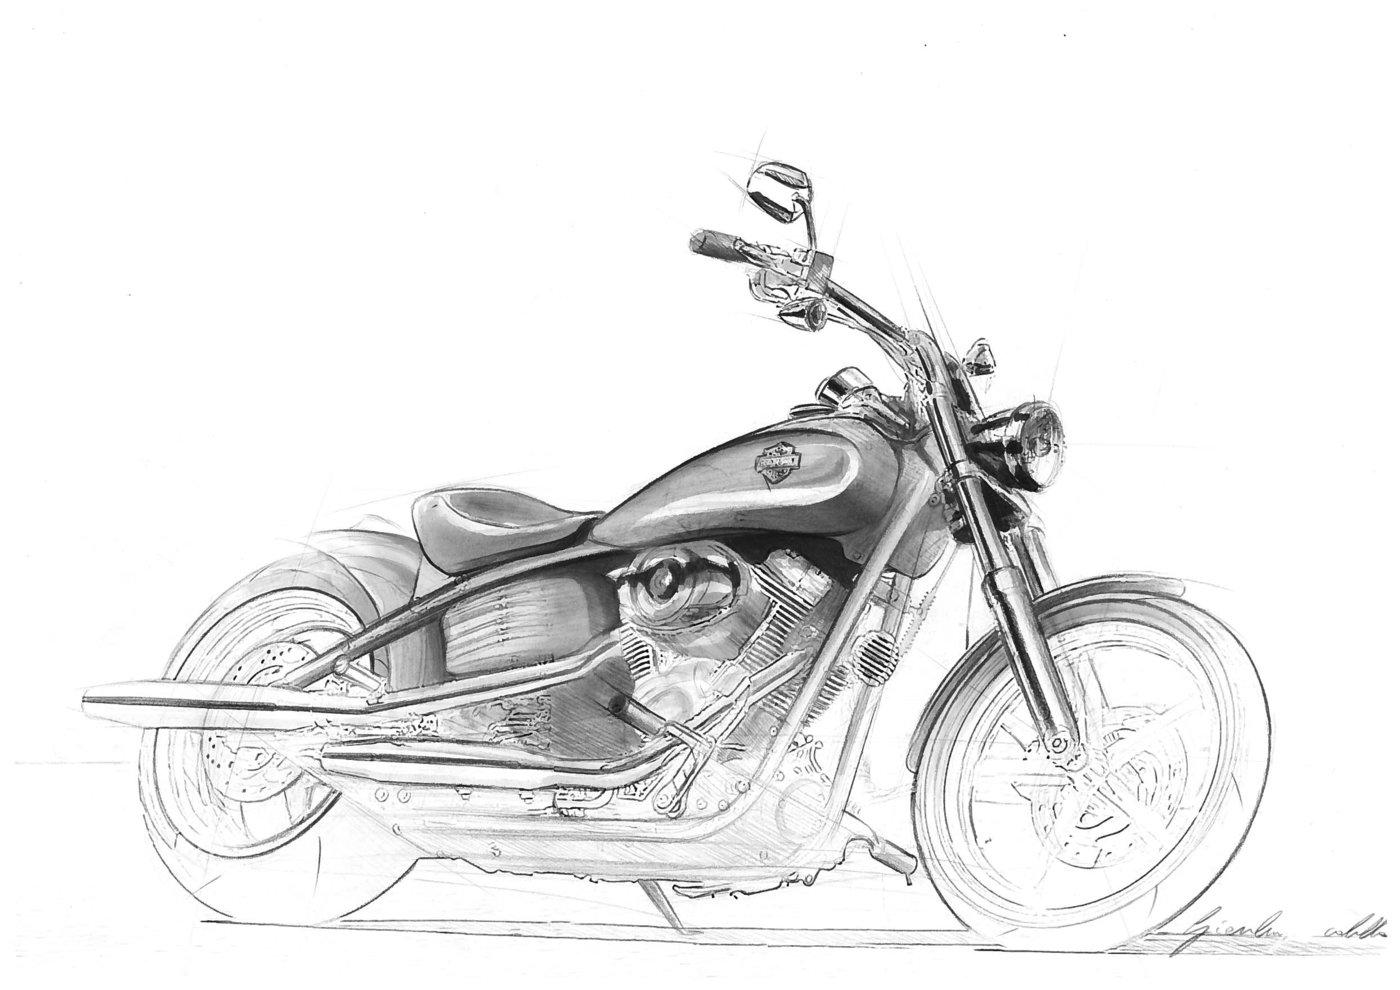 Moto sketch by GIANLUIGI CICOLELLA at Coroflot.com